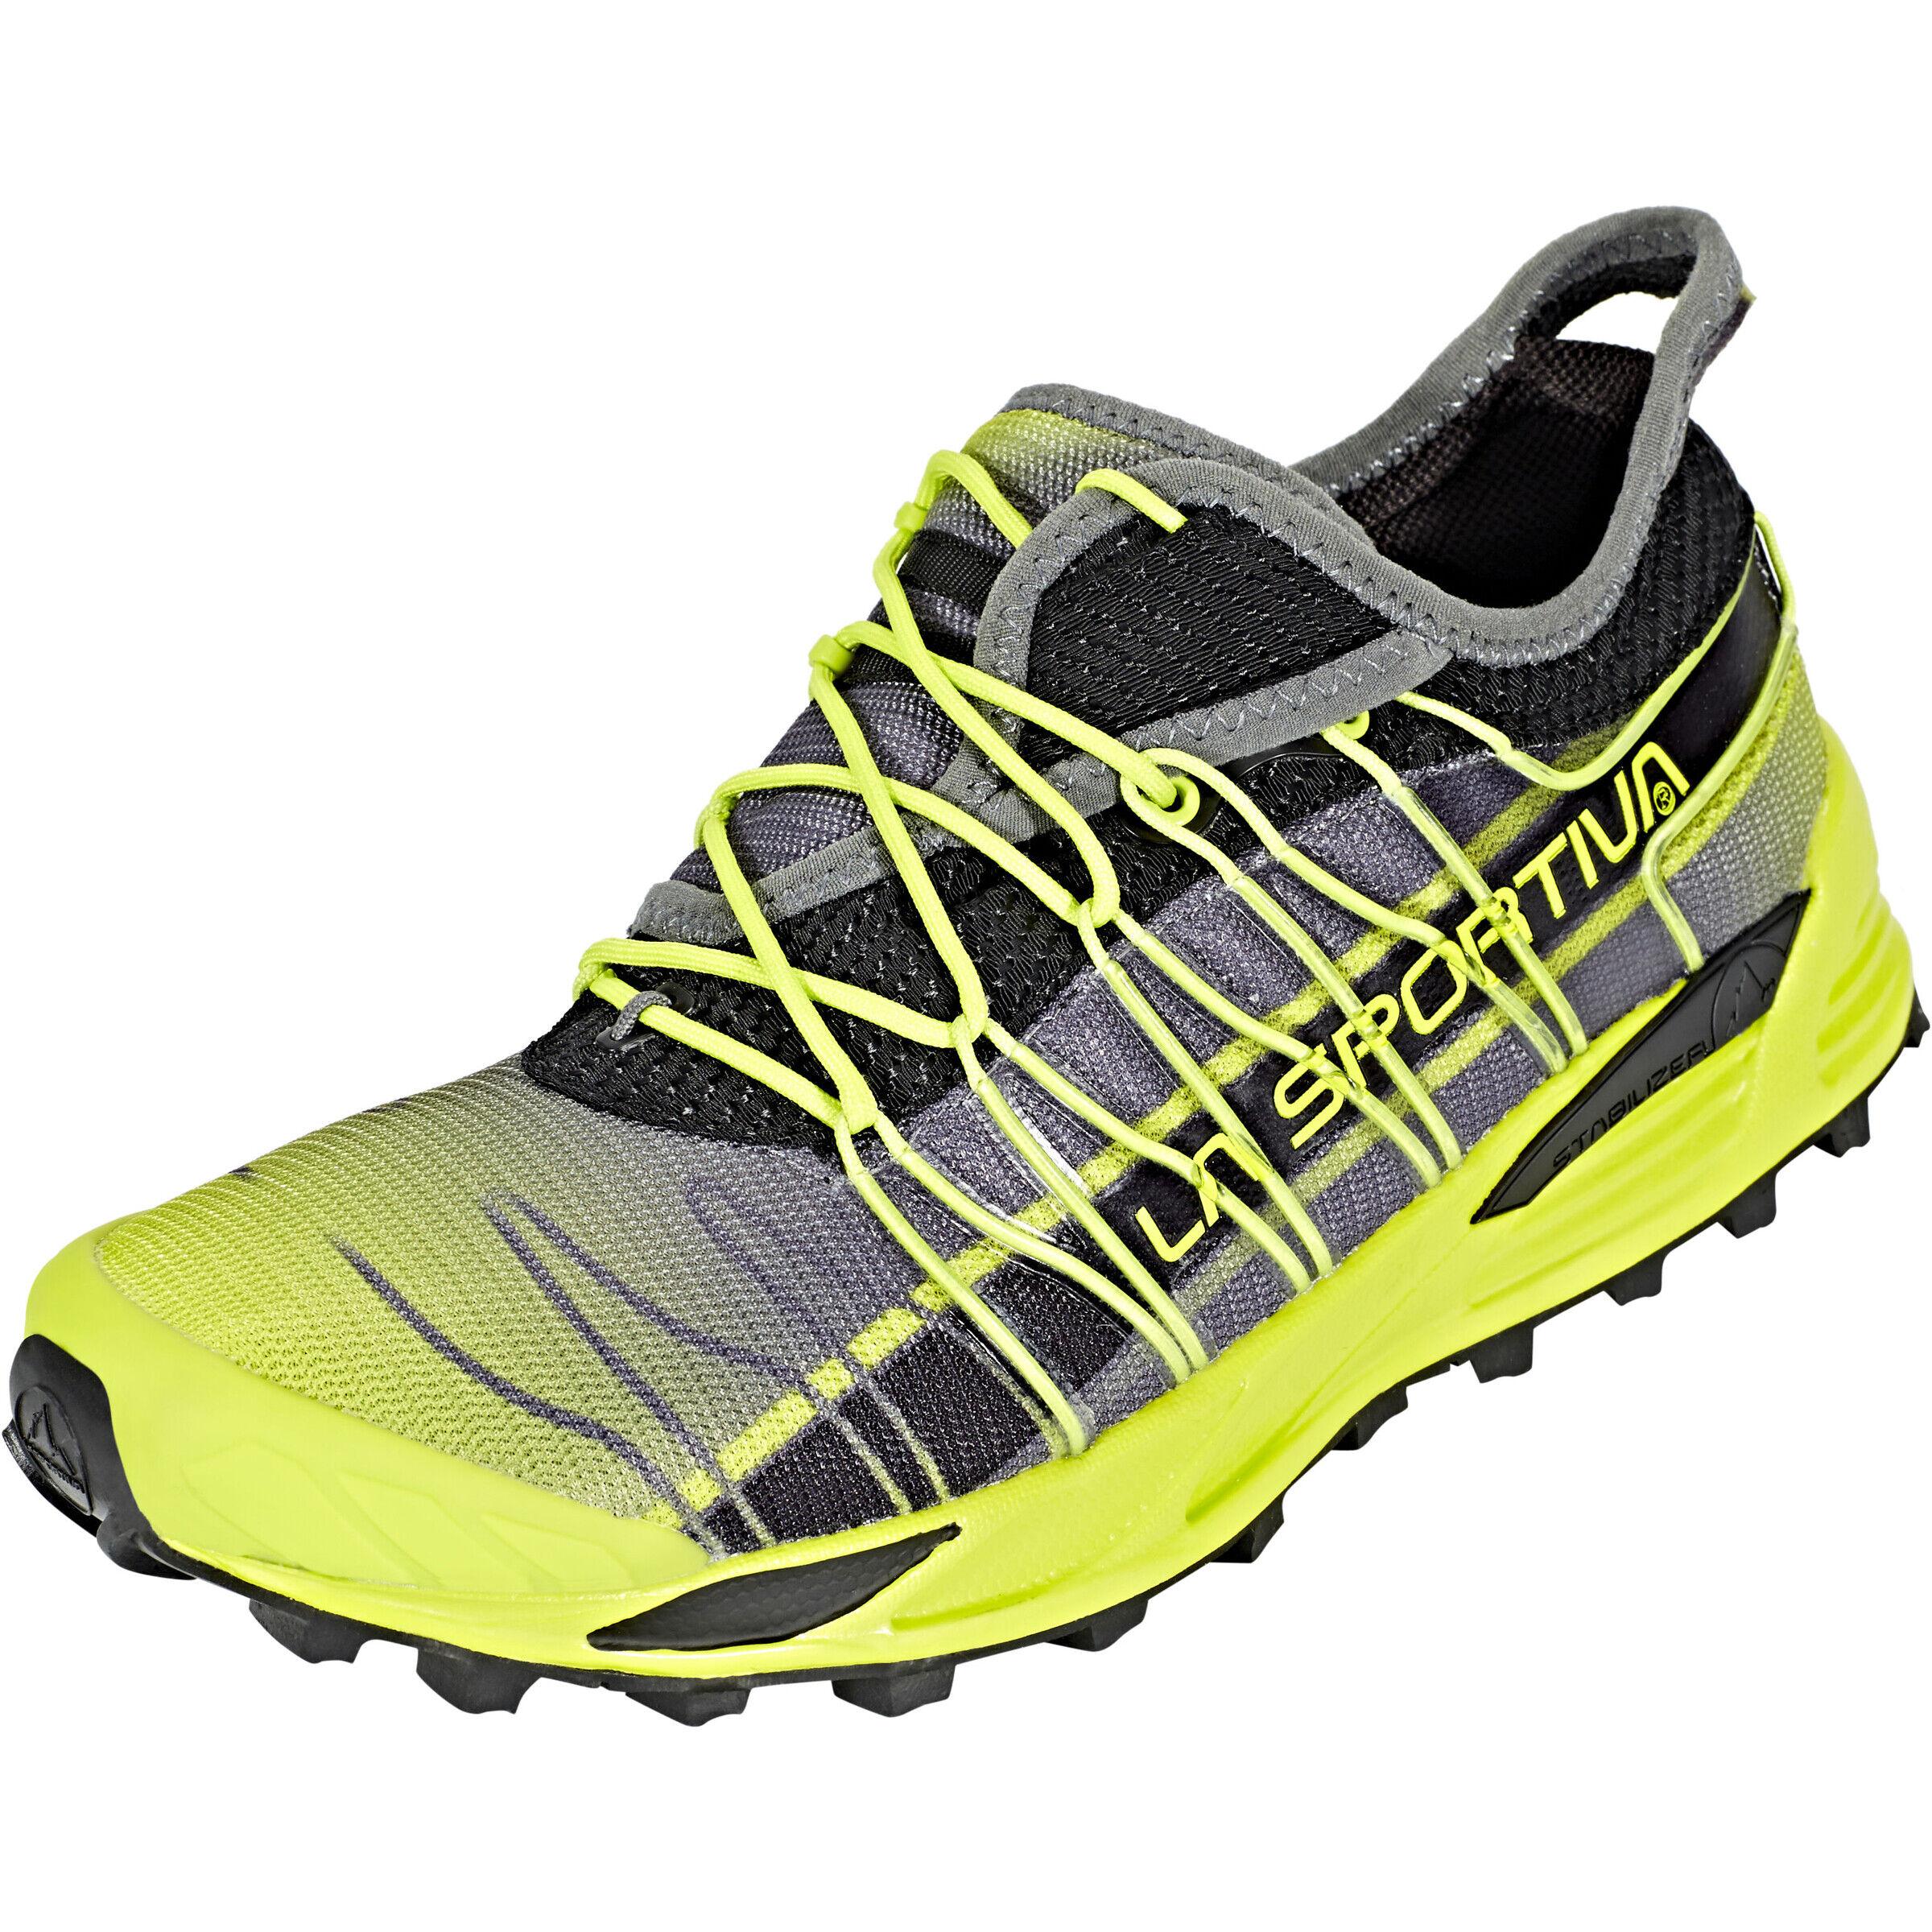 La Sportiva OCR Schuhe günstig online kaufen |